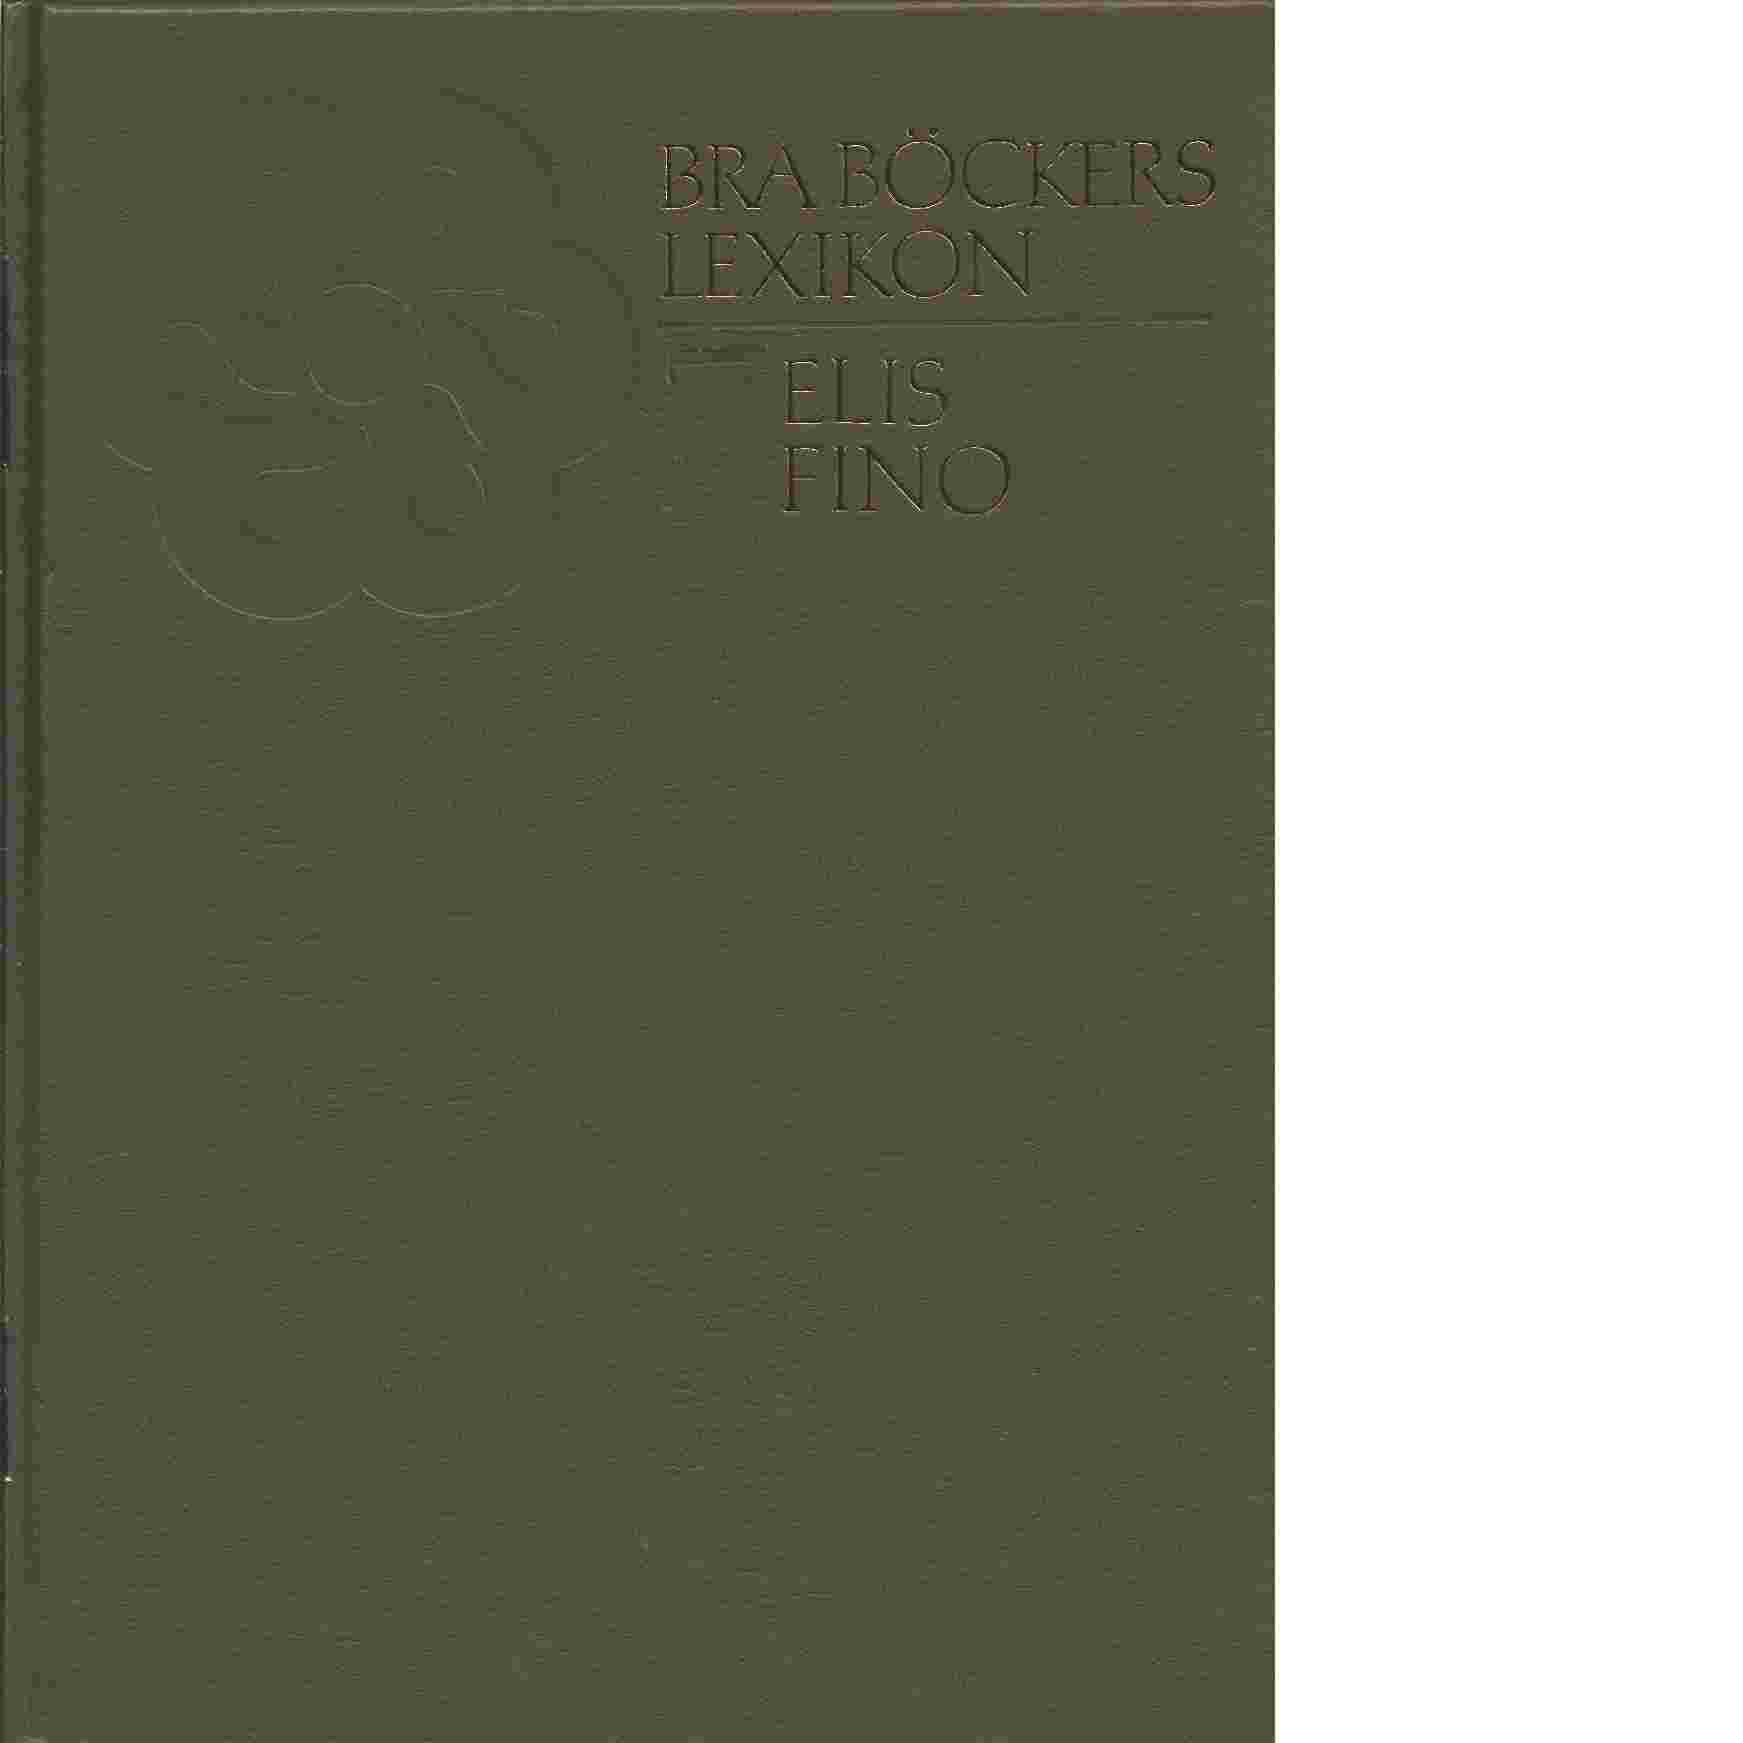 Bra böckers lexikon. 7 - Friesen, von Sten